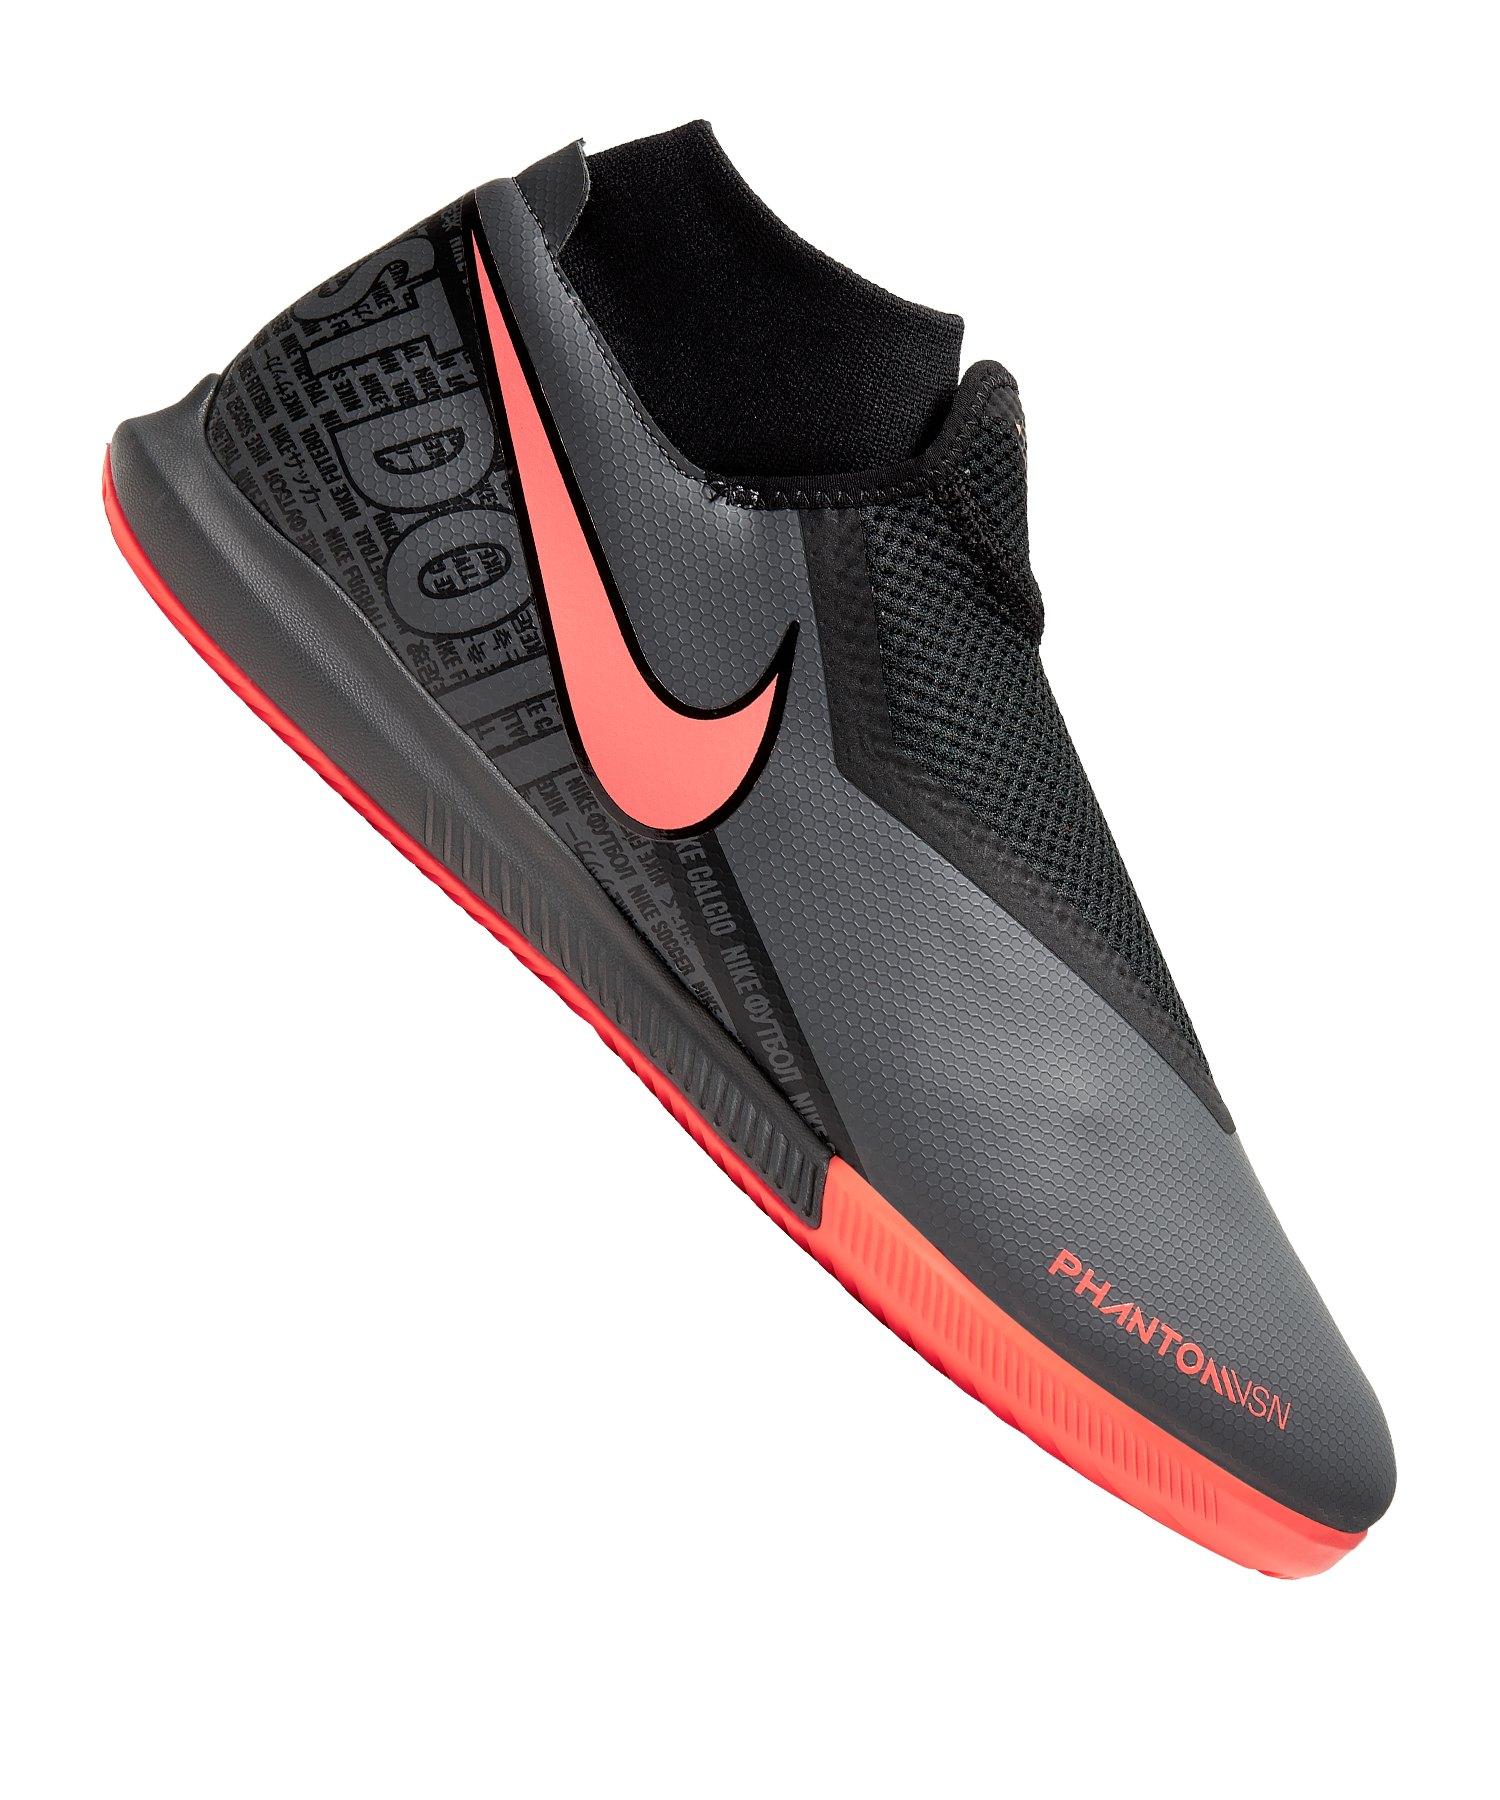 Nike Phantom Vision Academy DF IC Grau F080 - grau